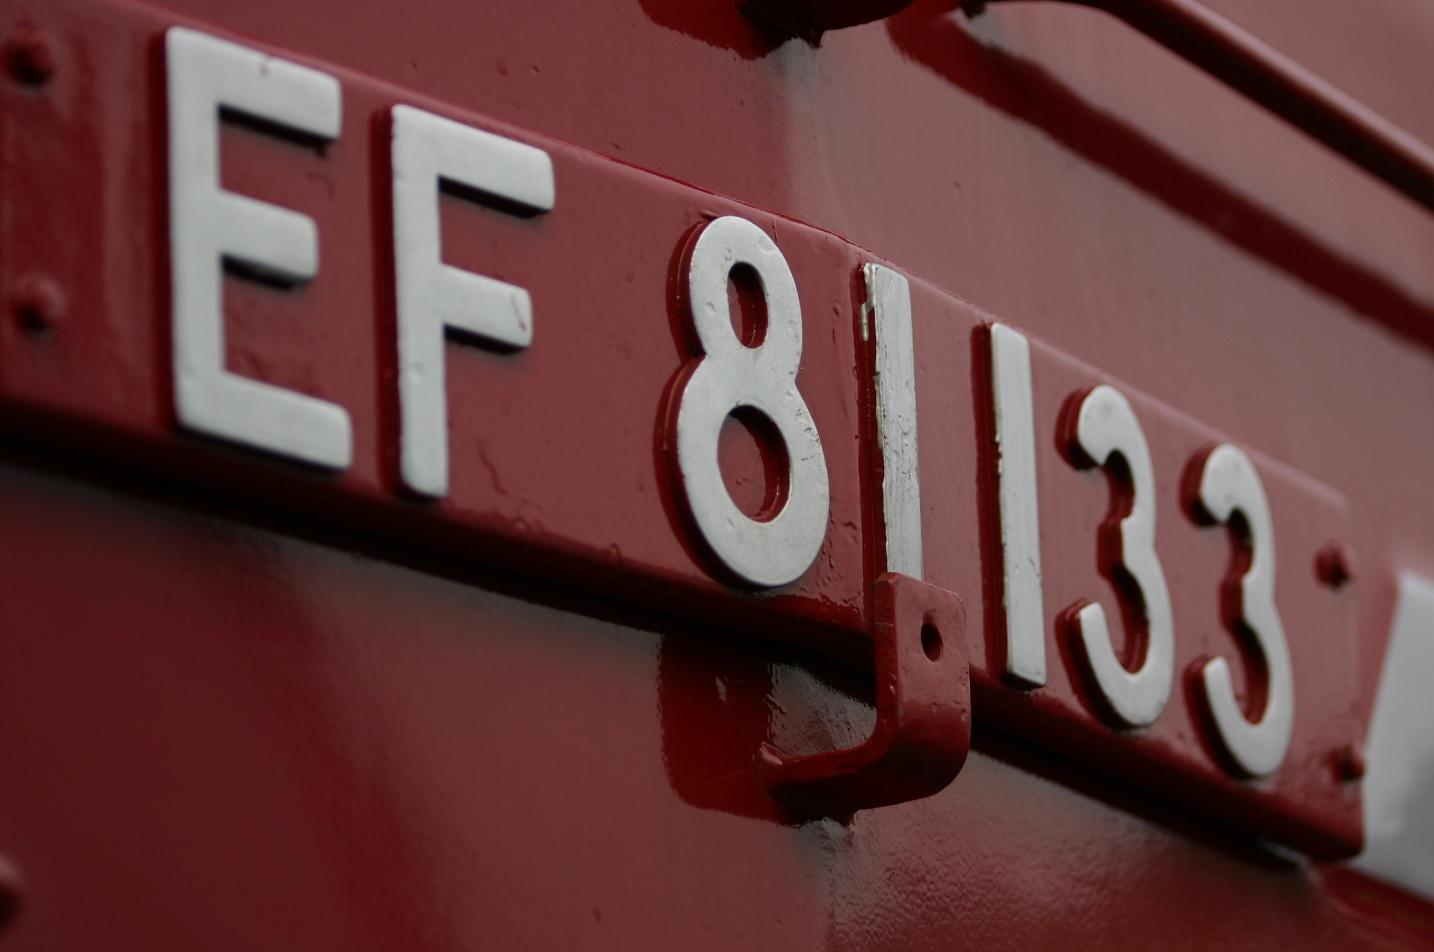 電気機関車EF 81133のプレート